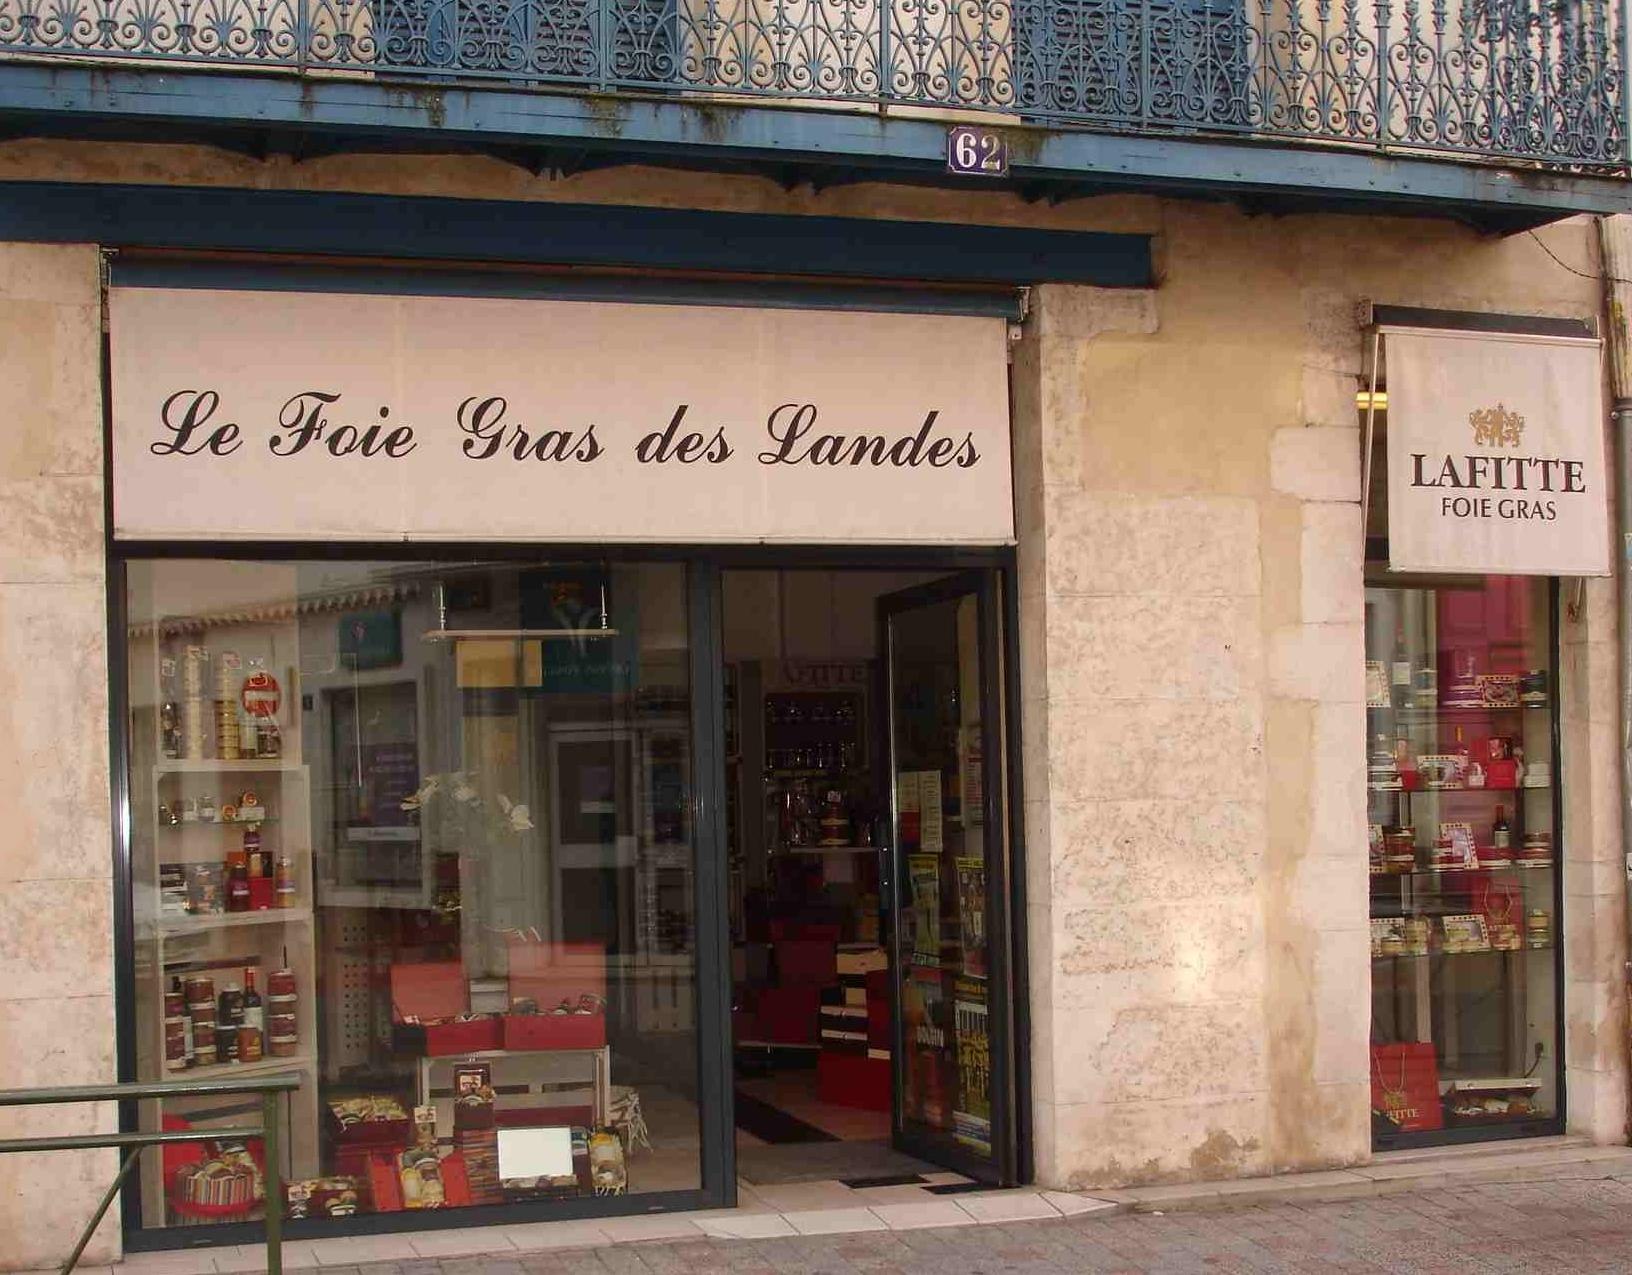 Lafitte-foie-gras-mont-de-marsan-boutique